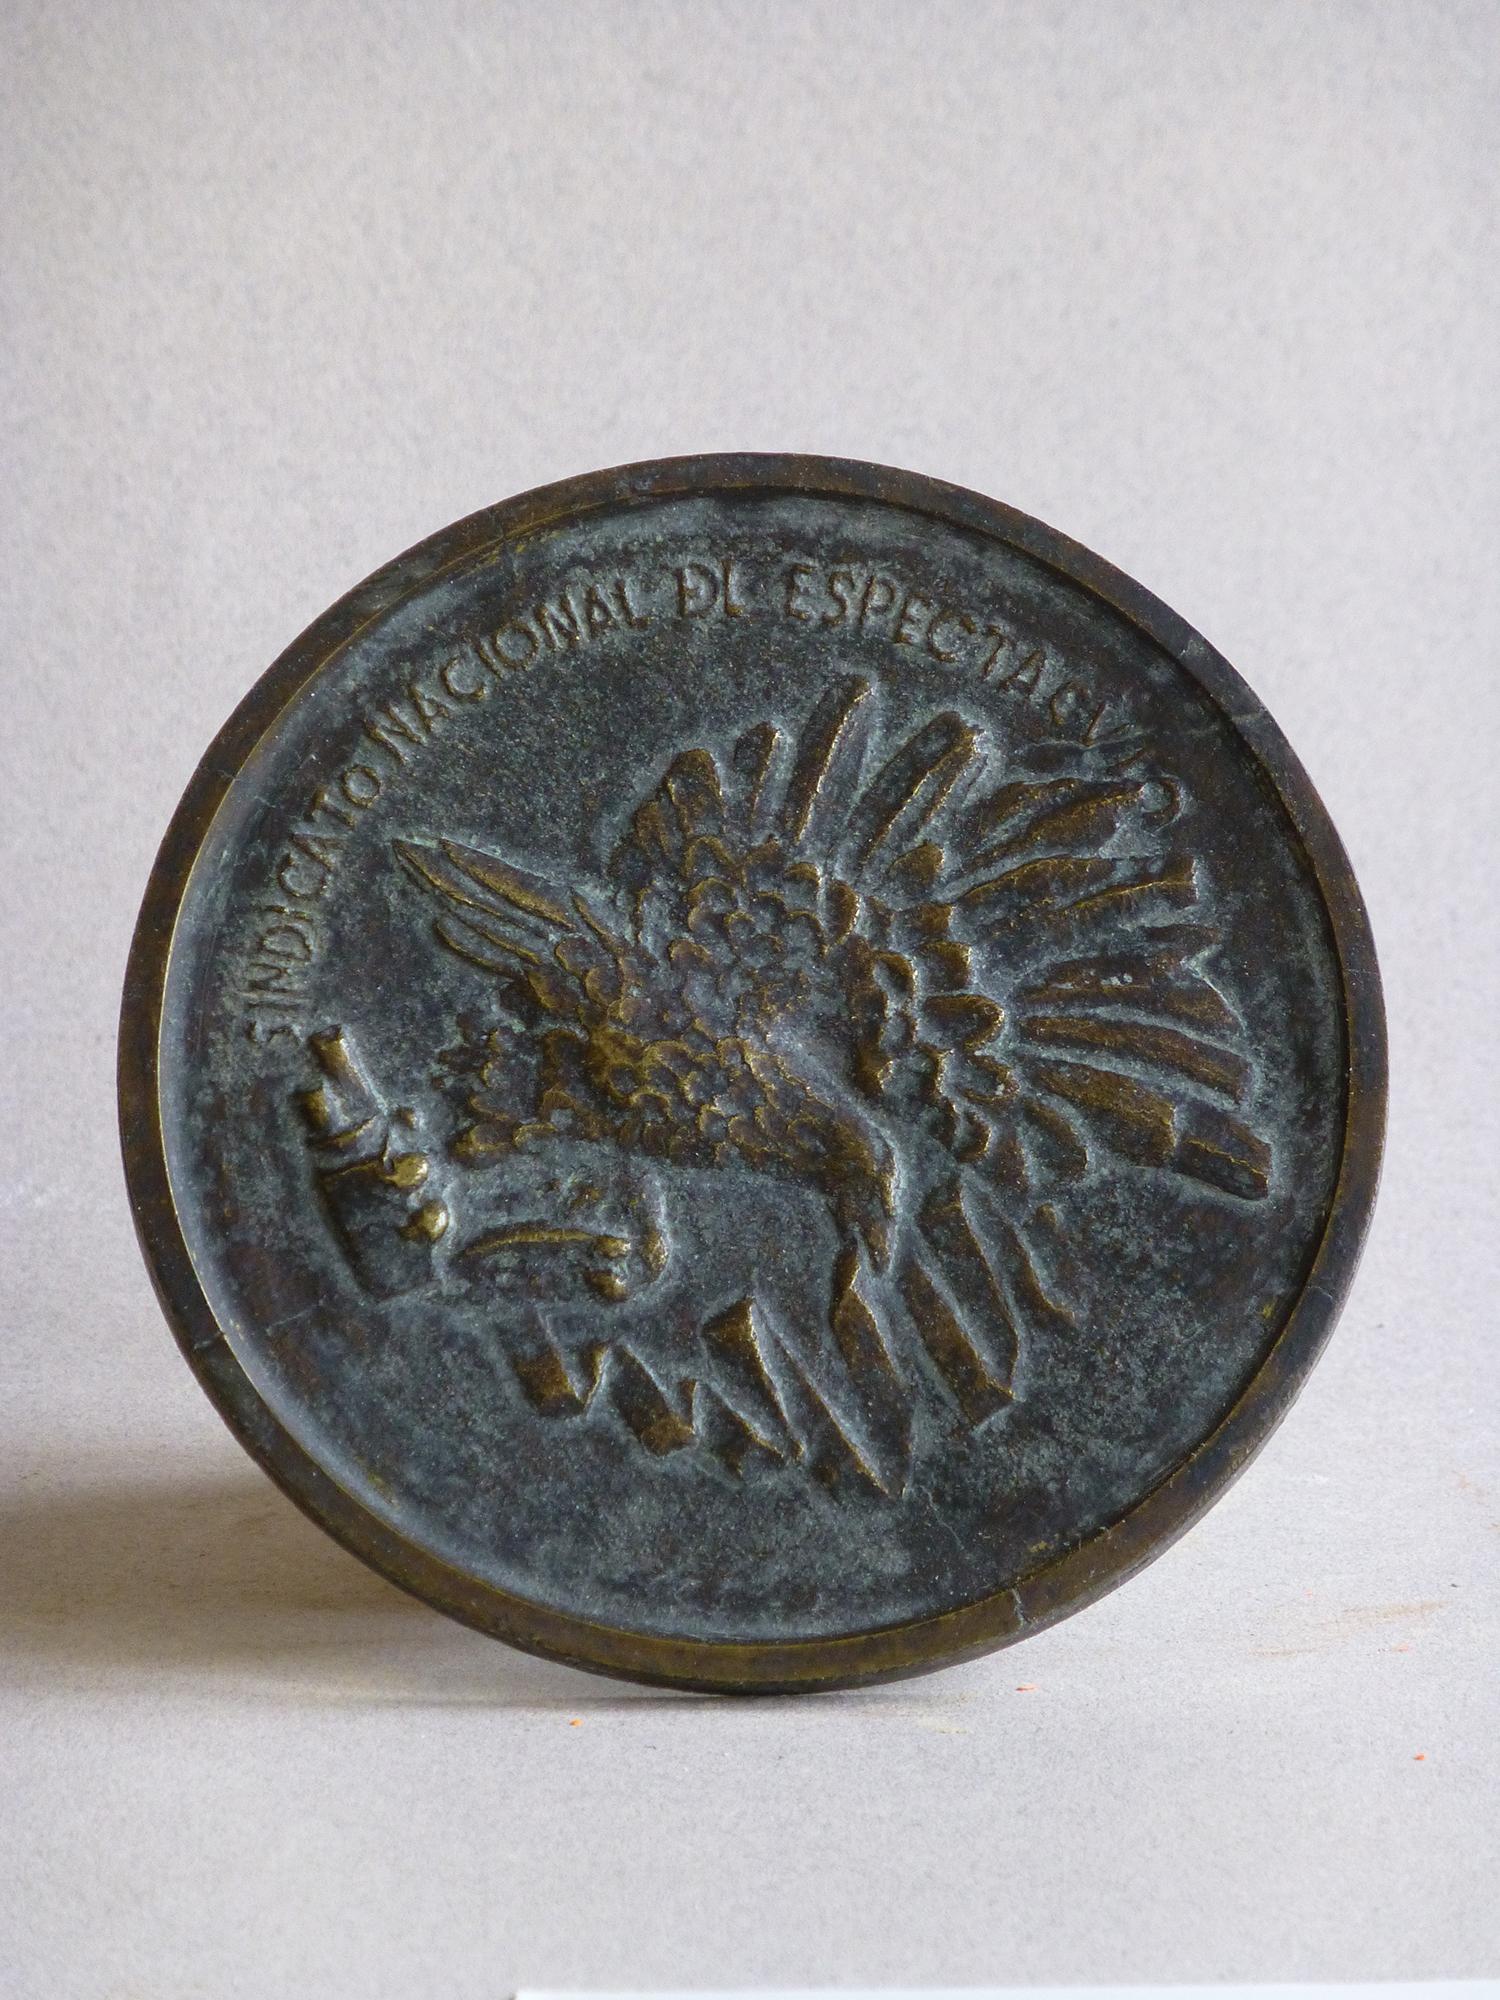 1953.3. Águila, Medalla, bronce, 9x0,2 cms. Premio Cinematográfico, Sindicato Nacional del Espectáculo. 1953